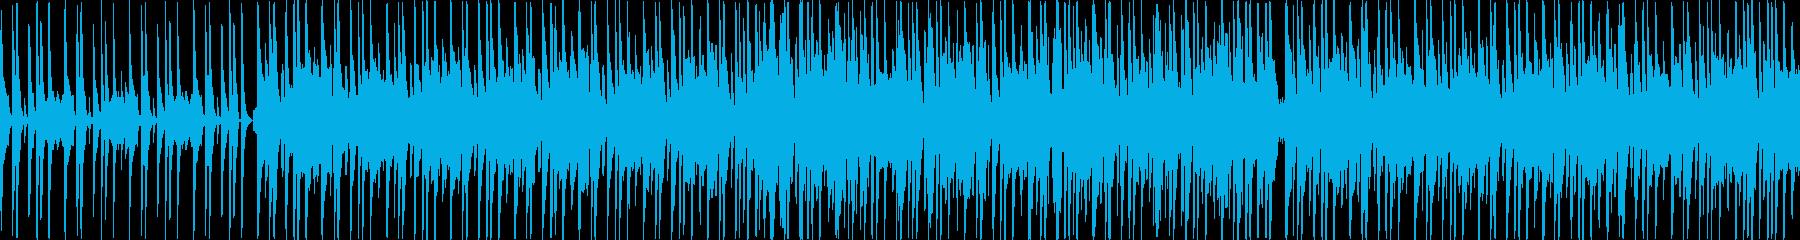 軽快でコミカルなポップスの再生済みの波形